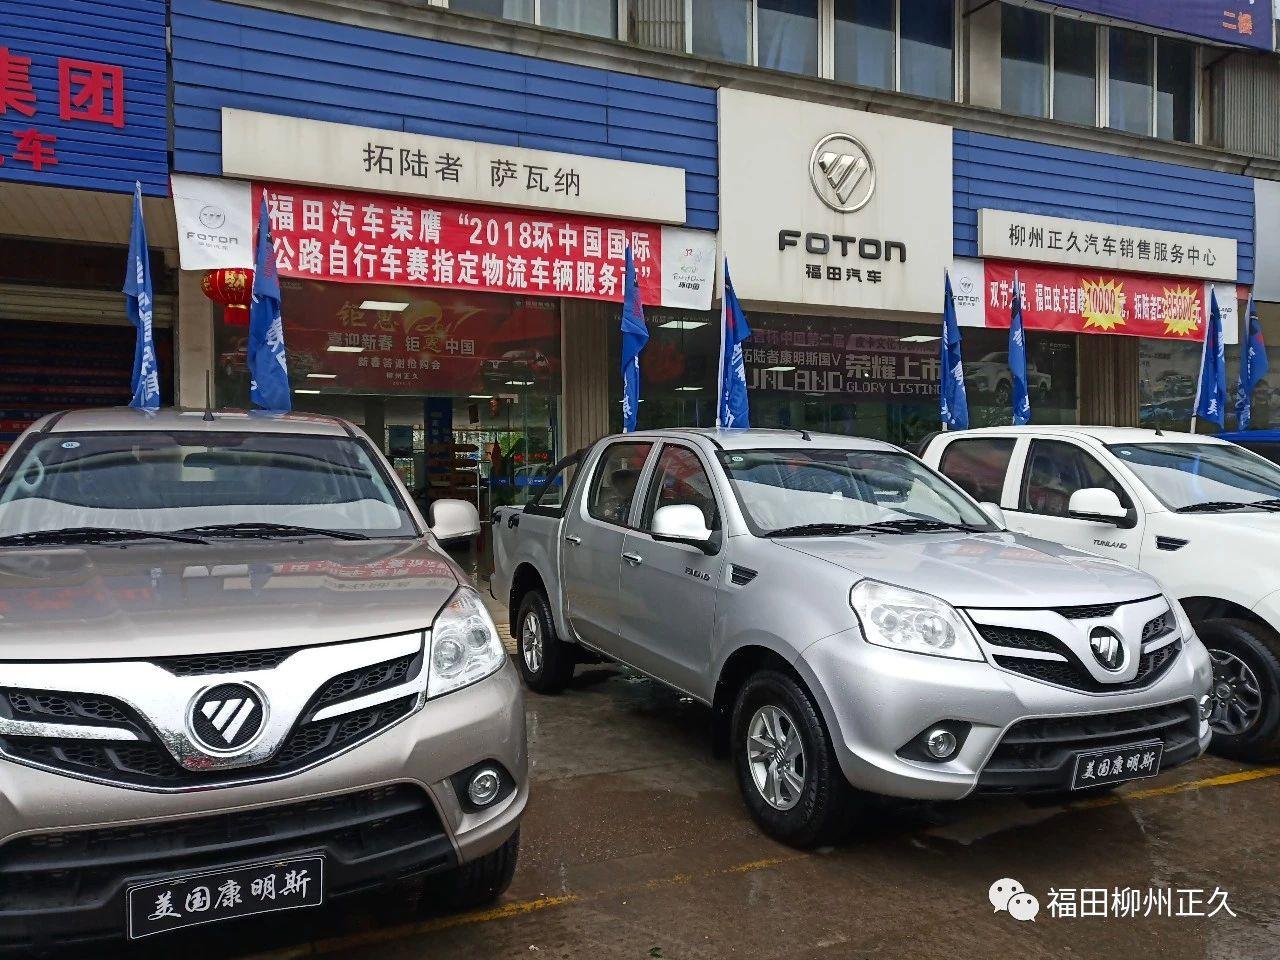 柳州浩升汽车销售有限公司